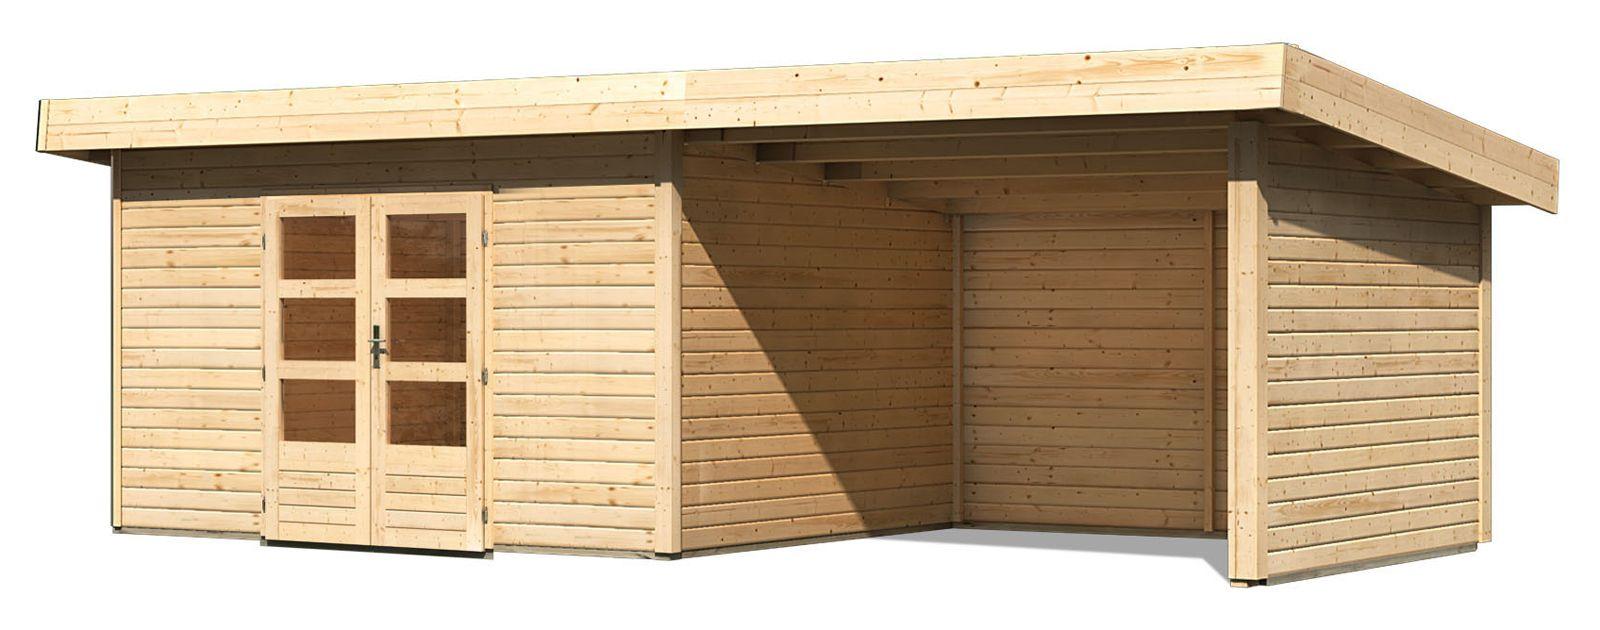 Gartenhaus Achensee 4 mit Anbaudach 3,30 m Breite und Seiten / Rückwand, naturbelassen, 38 mm Wandstärke - 6,64 x 3,09 x 2,48 m (B x T x H)